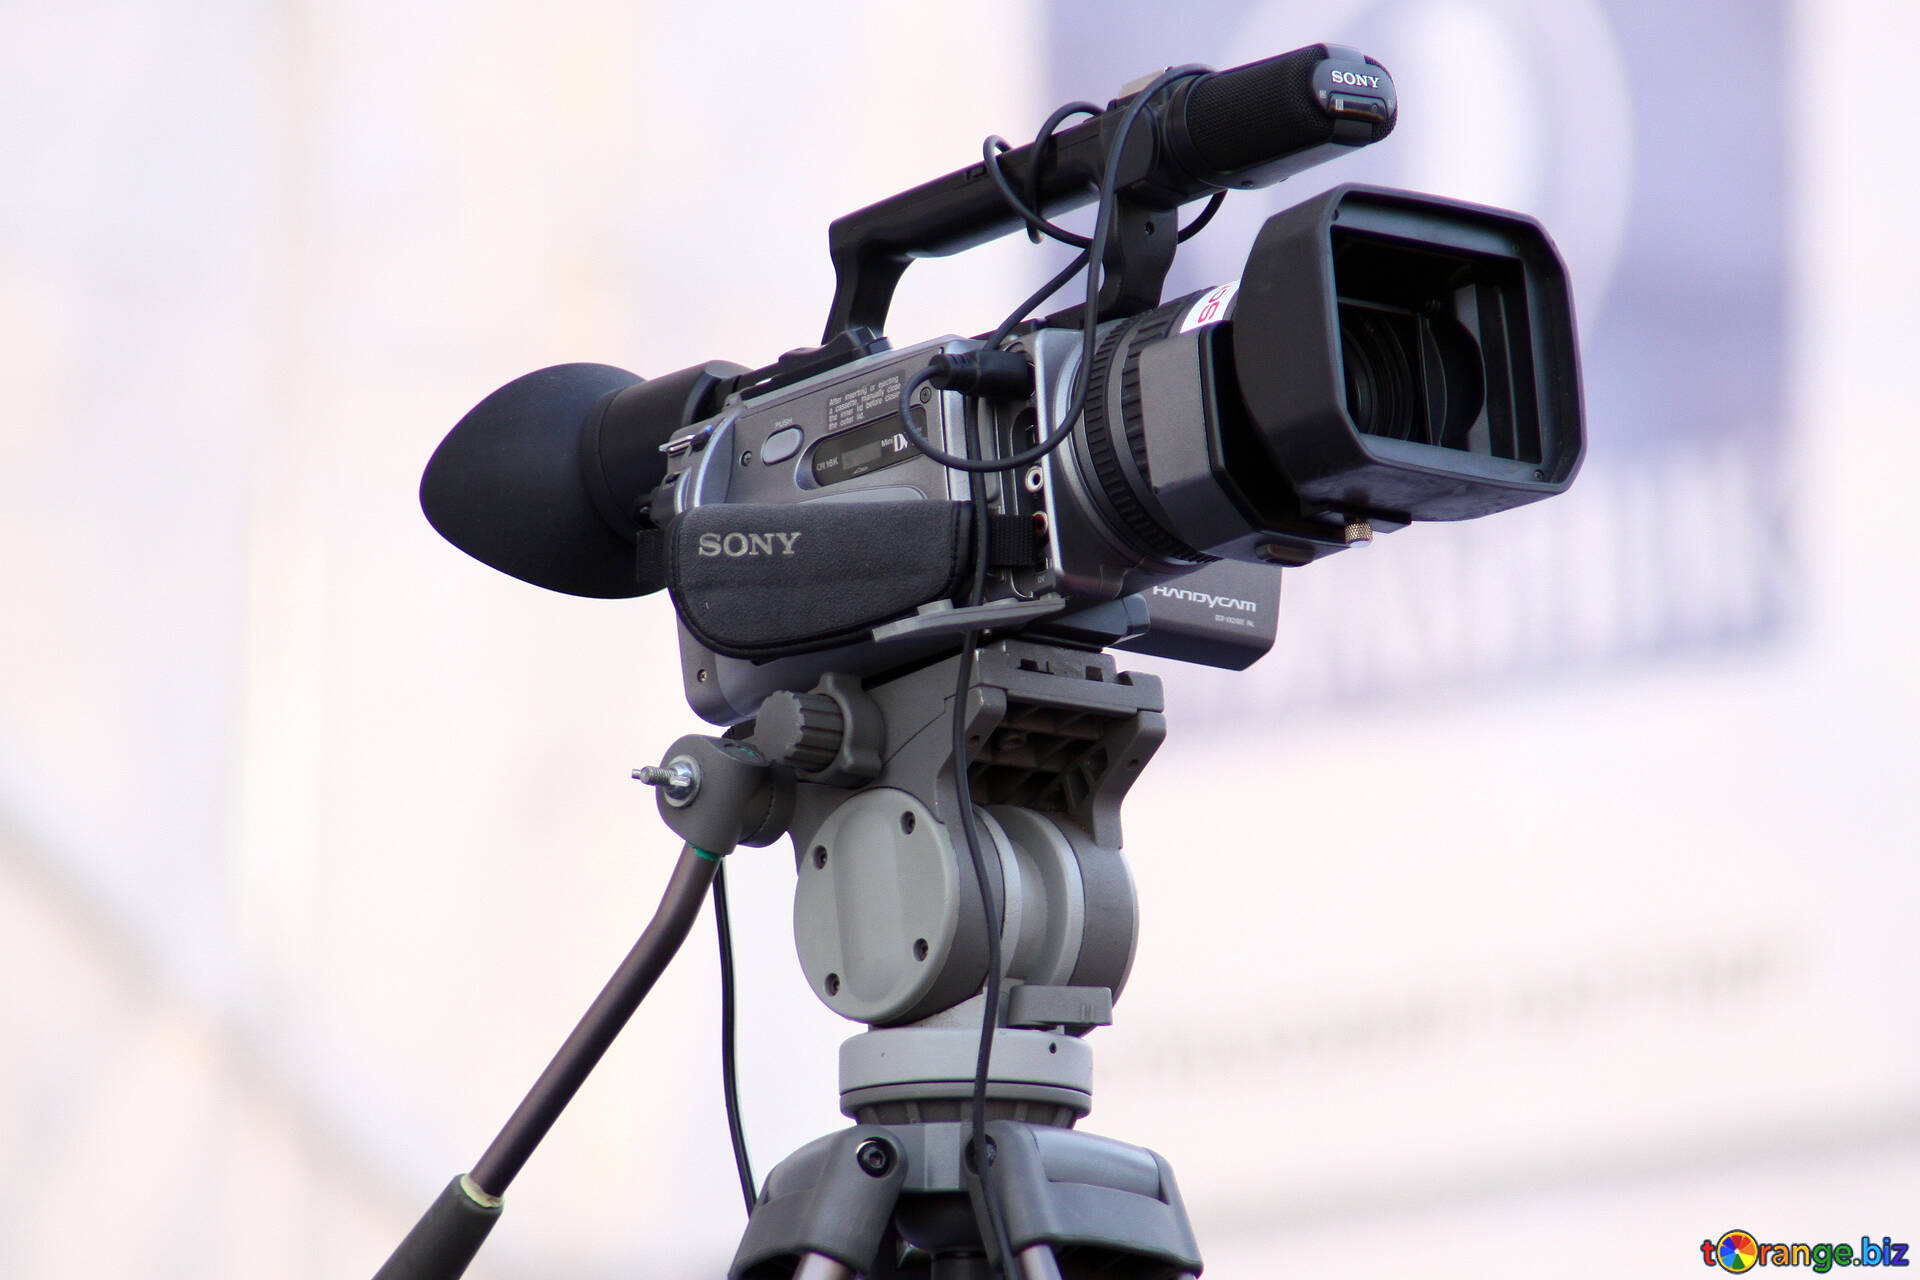 Video Cameras Professional Video Camera Energy 2690